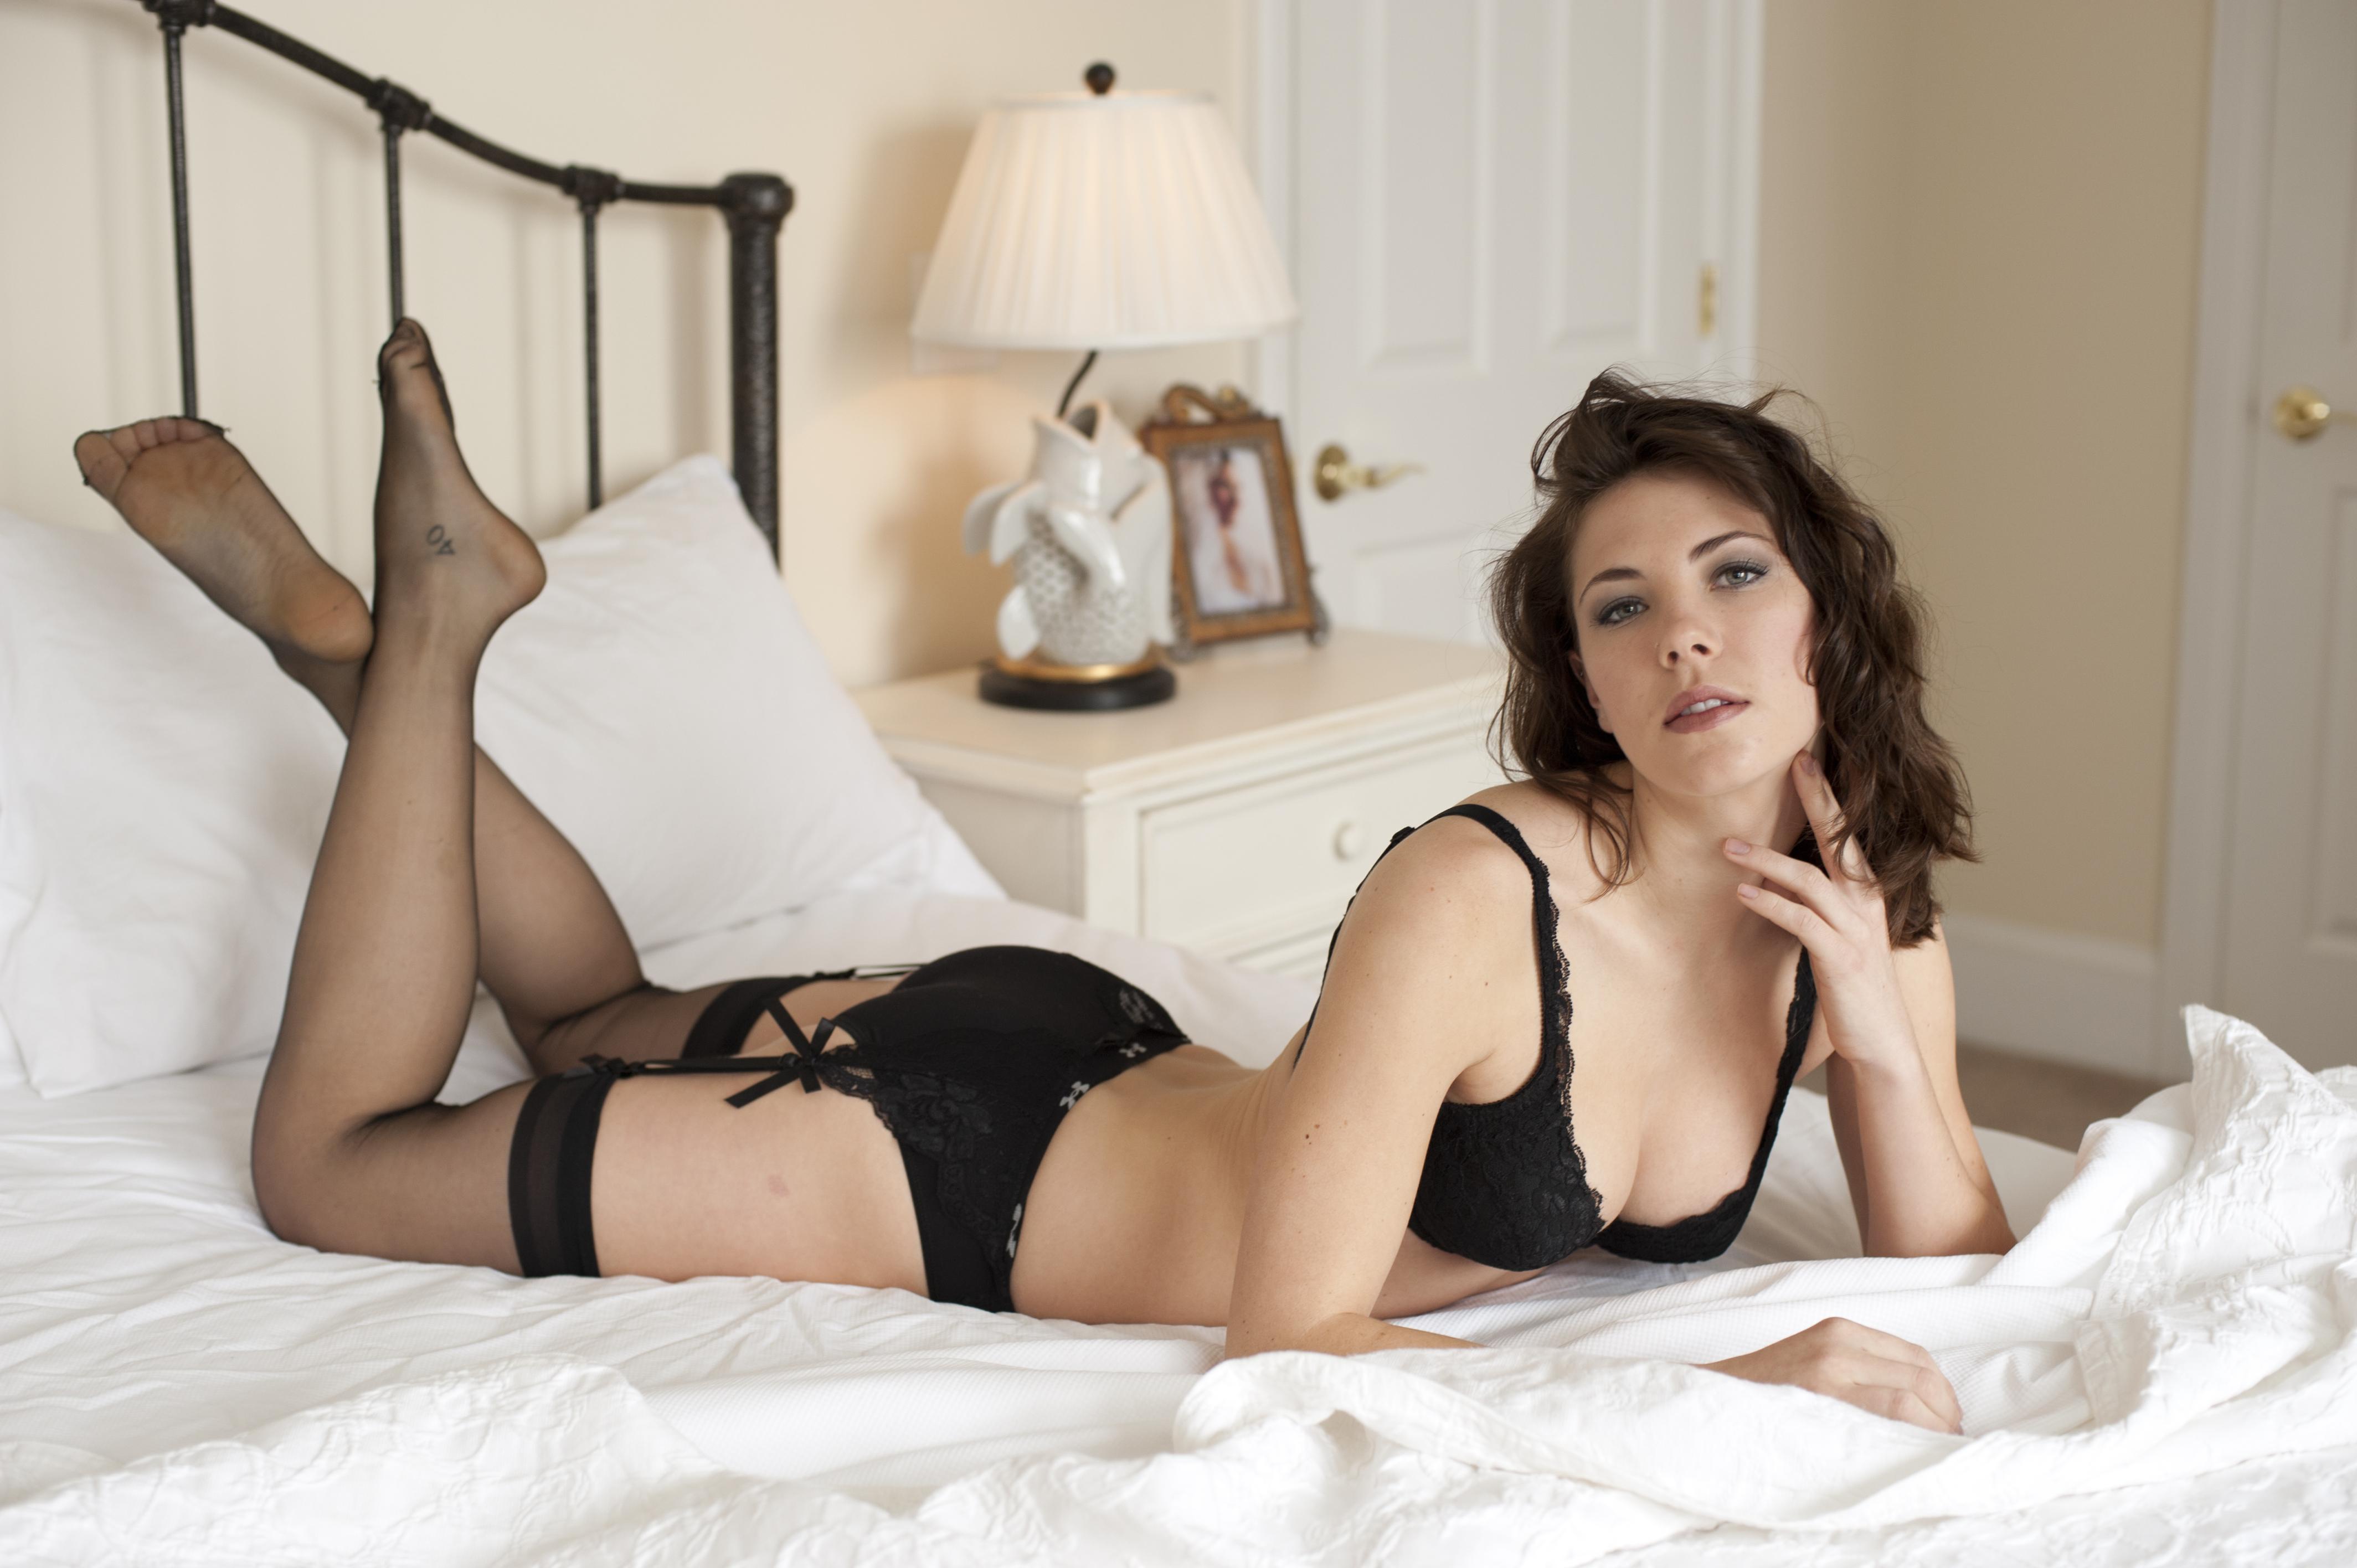 Частные фото девушки в сексуальном белье, Голые в нижнем белье на фото - полу обнаженные 8 фотография